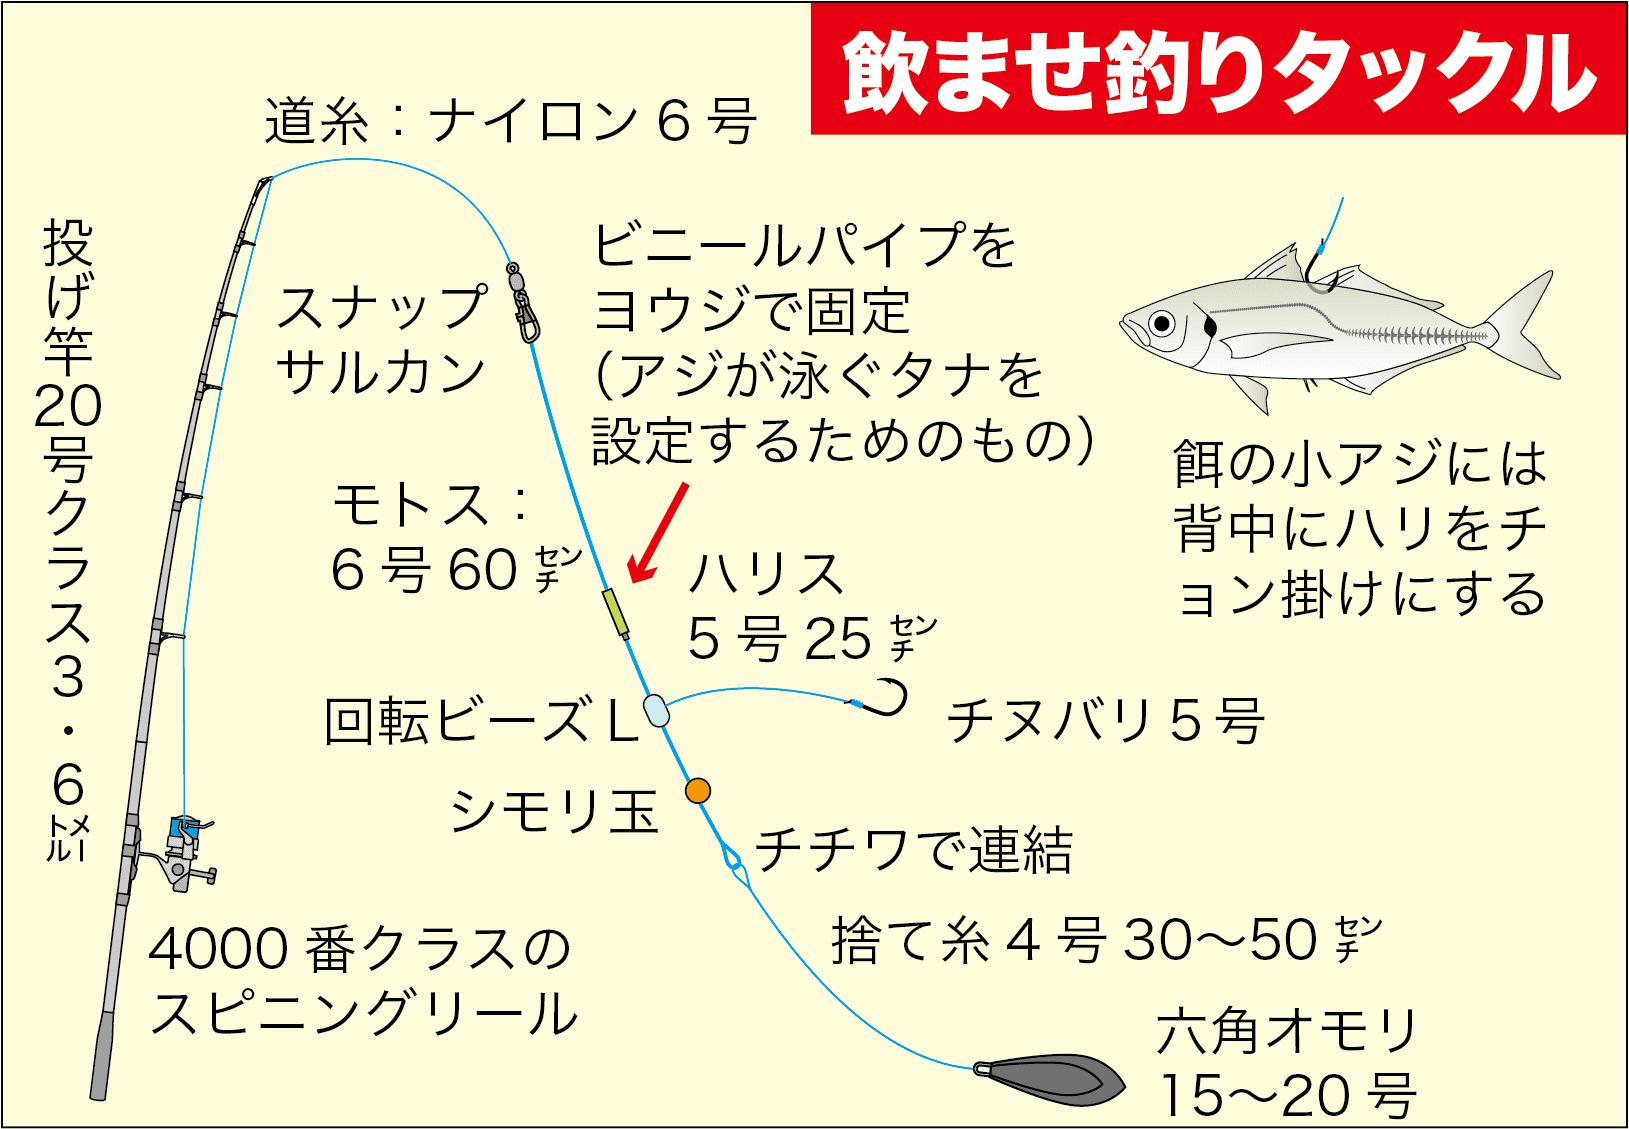 投げアコウ置き竿7